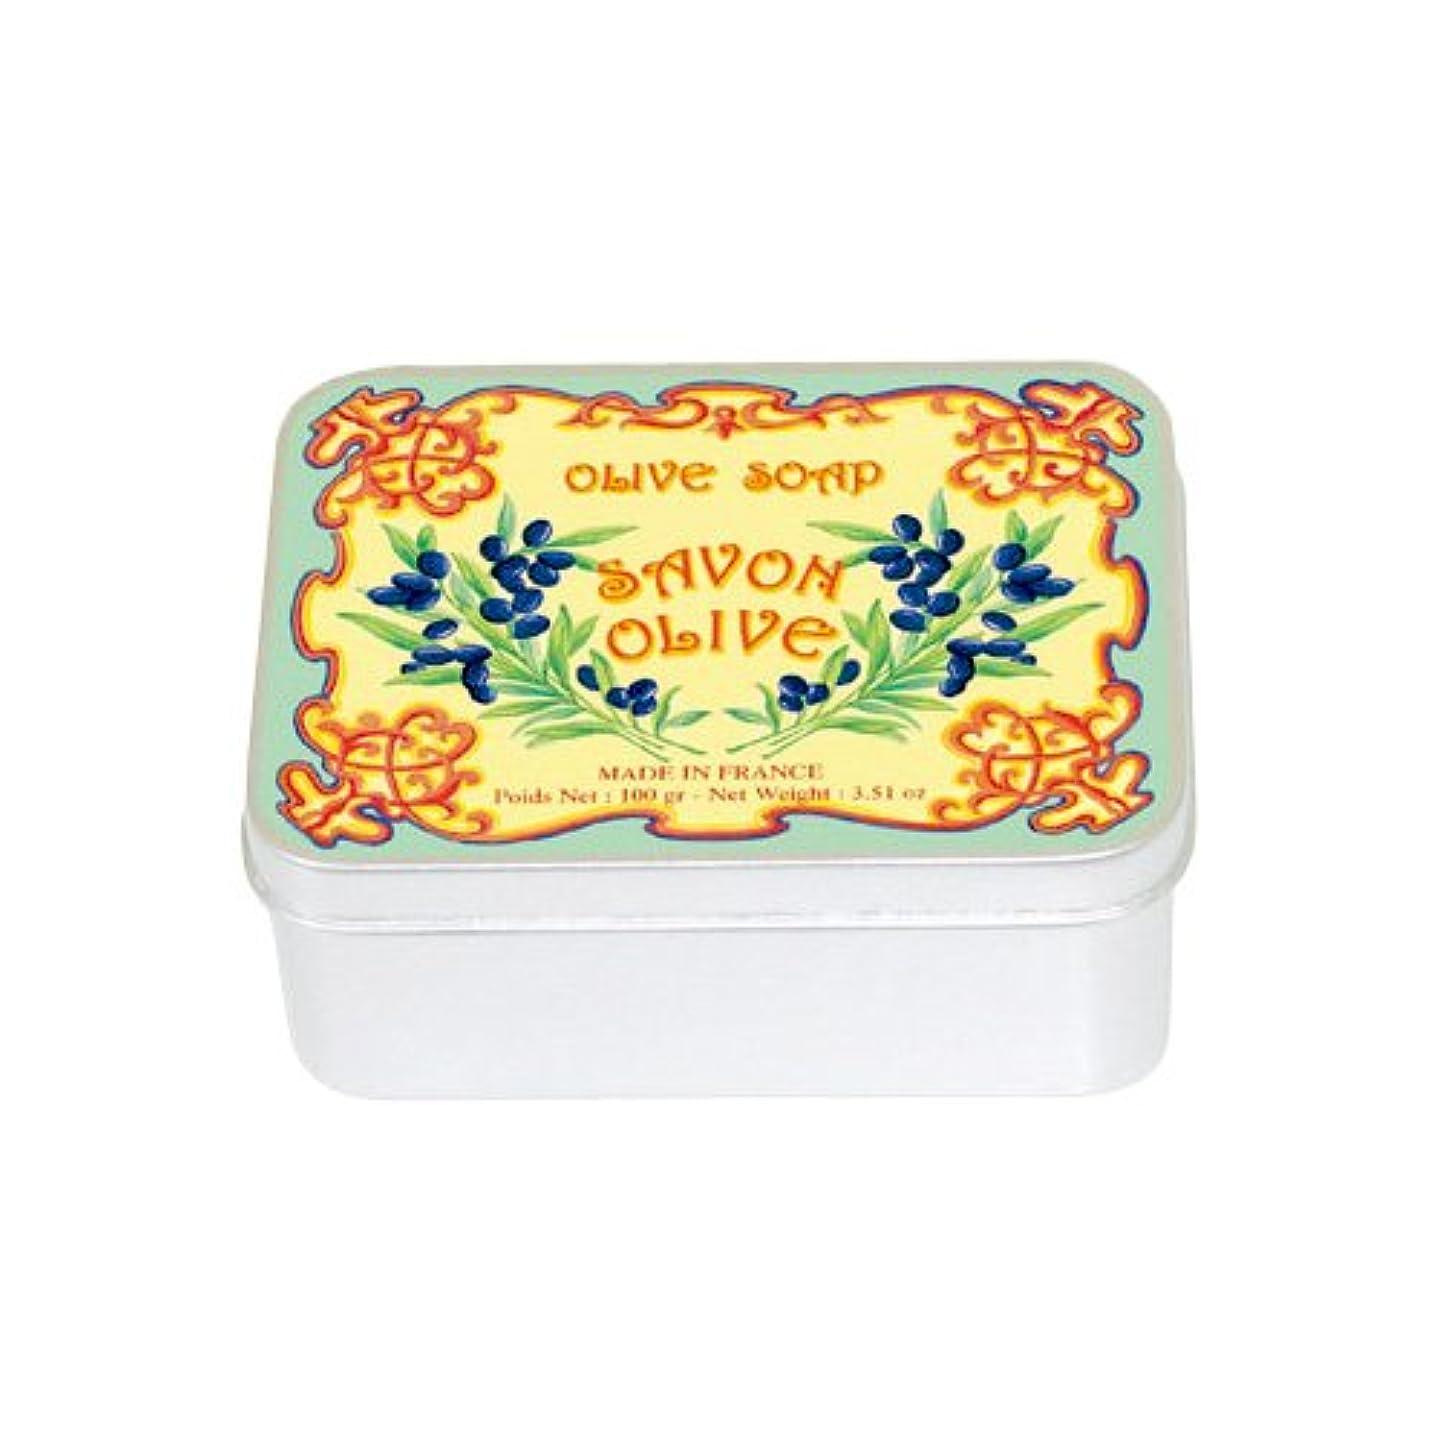 警報暫定小麦粉ルブランソープ メタルボックス(オリーブの香り)石鹸